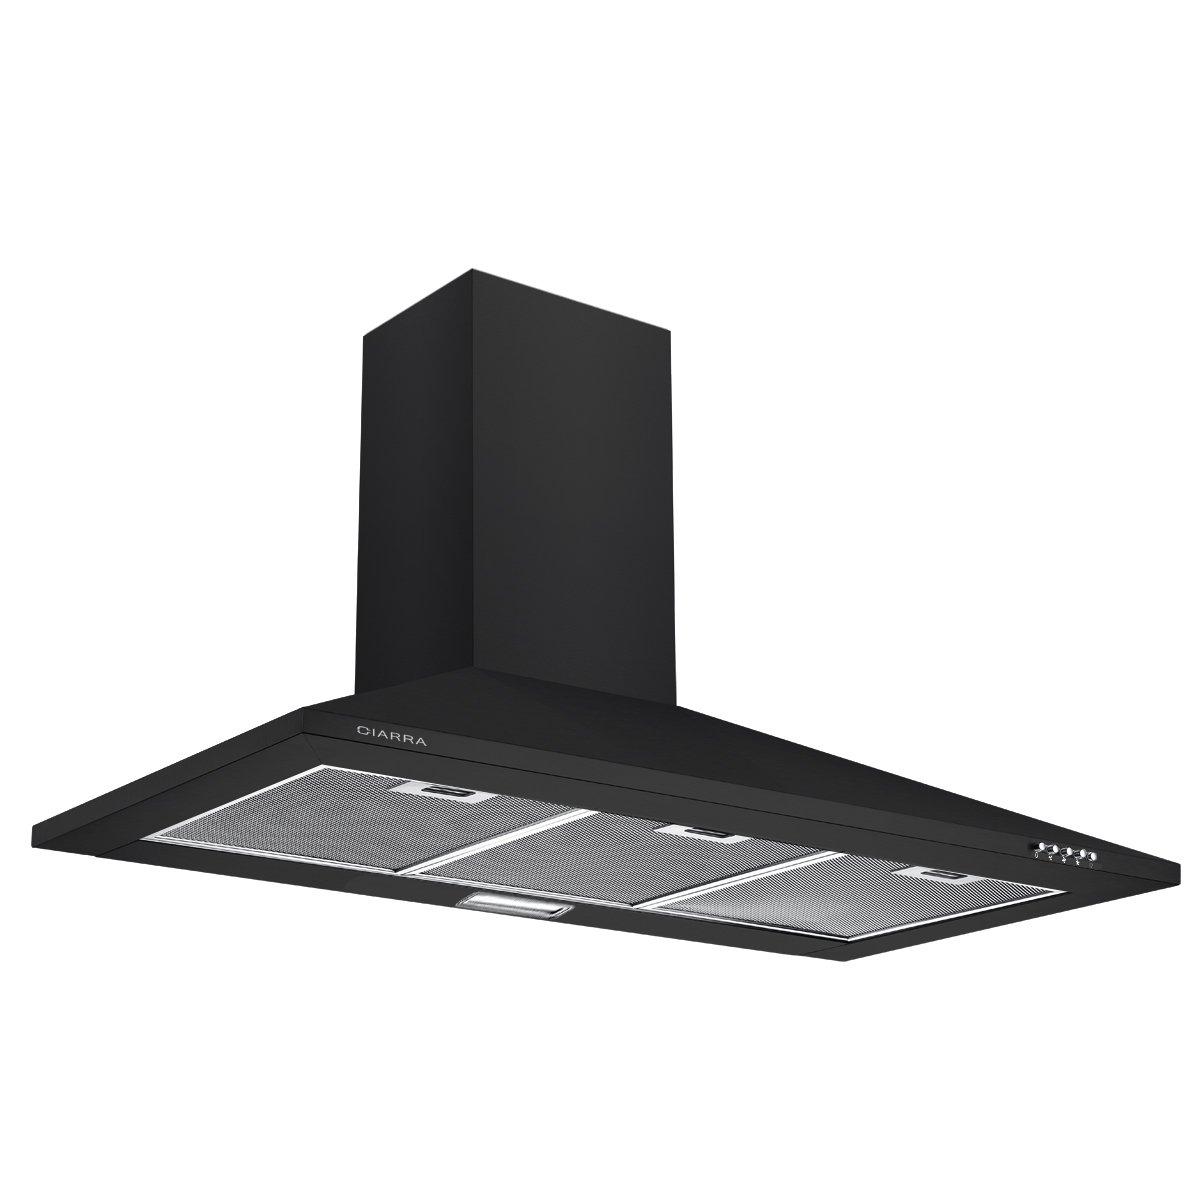 CIARRA CBCB9201- Campana Extractora Cocina 90 cm, Acero Inoxidable, Lámpara LED, 380m³/h, Filtros de Grasa, Reciclaje y Conductos (Negro) [Clase de eficiencia energética C]